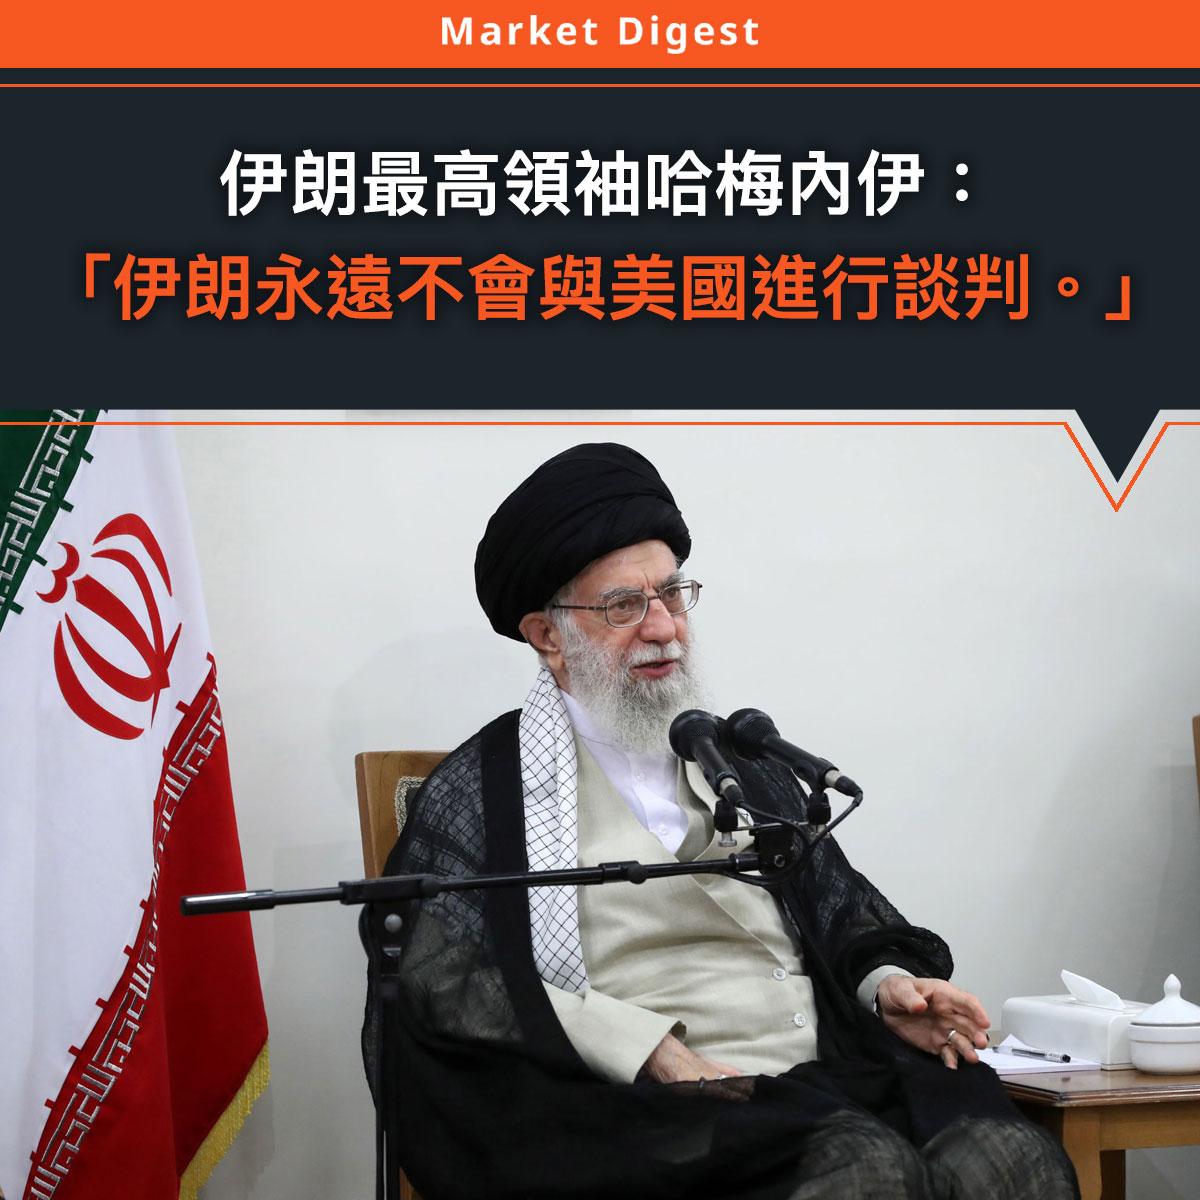 【伊朗局勢】伊朗最高領袖哈梅內伊: 「伊朗永遠不會與美國進行談判。」